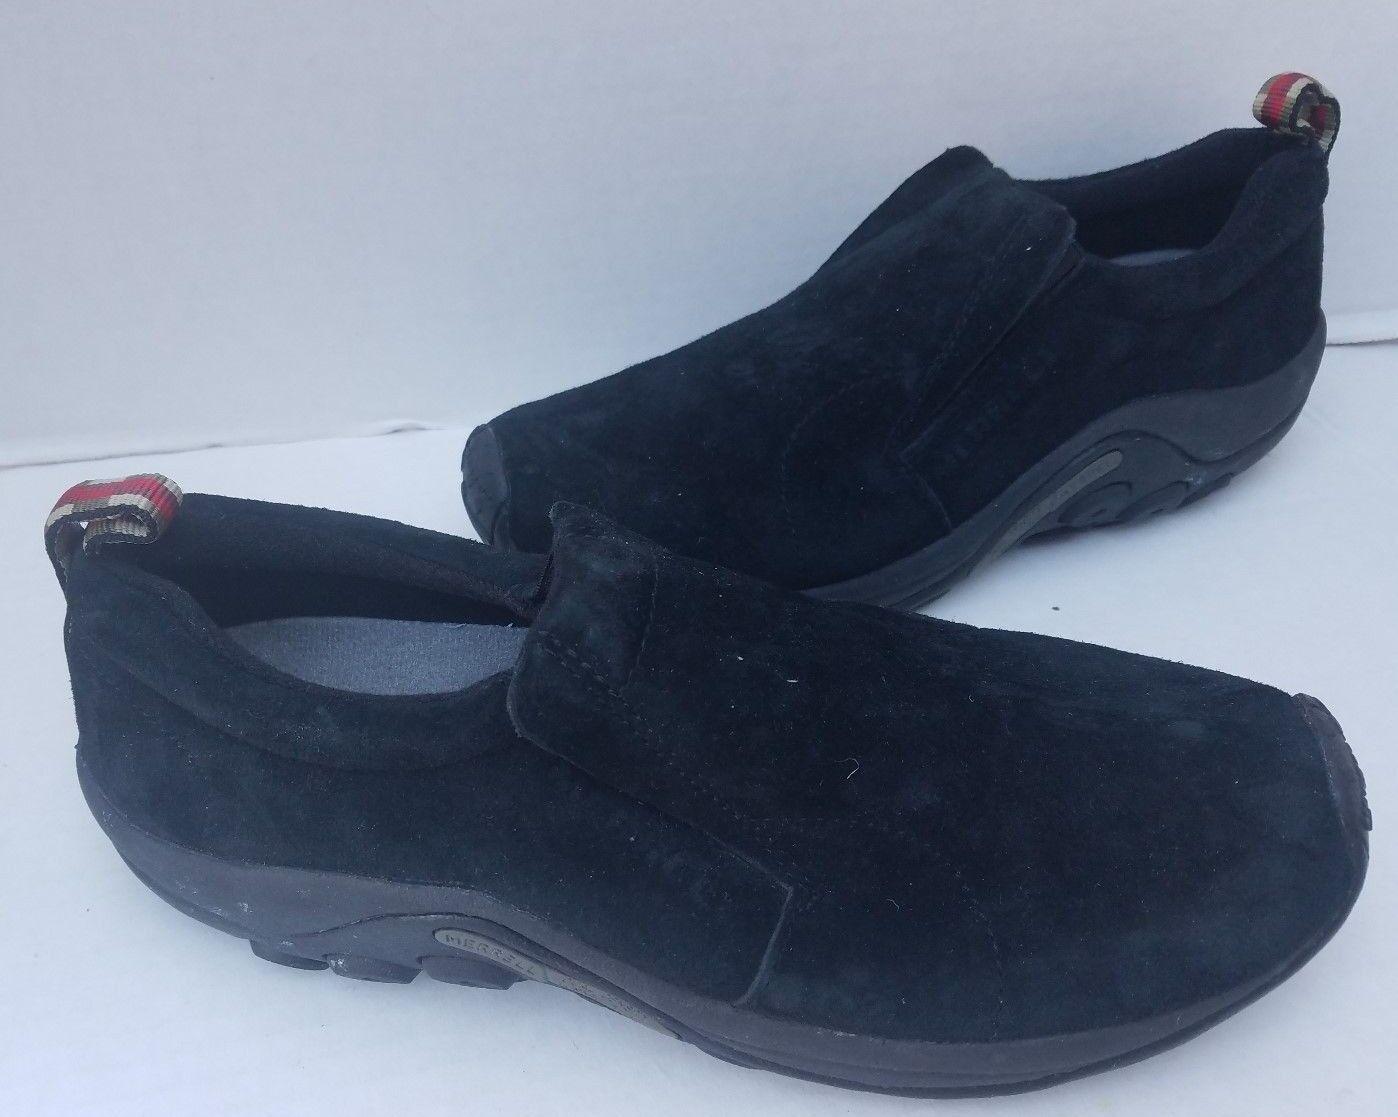 negozio online Merrell Jungle Moc Moc Moc donna nero Suede Leather Loafers Dual Density 11 US 42.5  stanno facendo attività di sconto